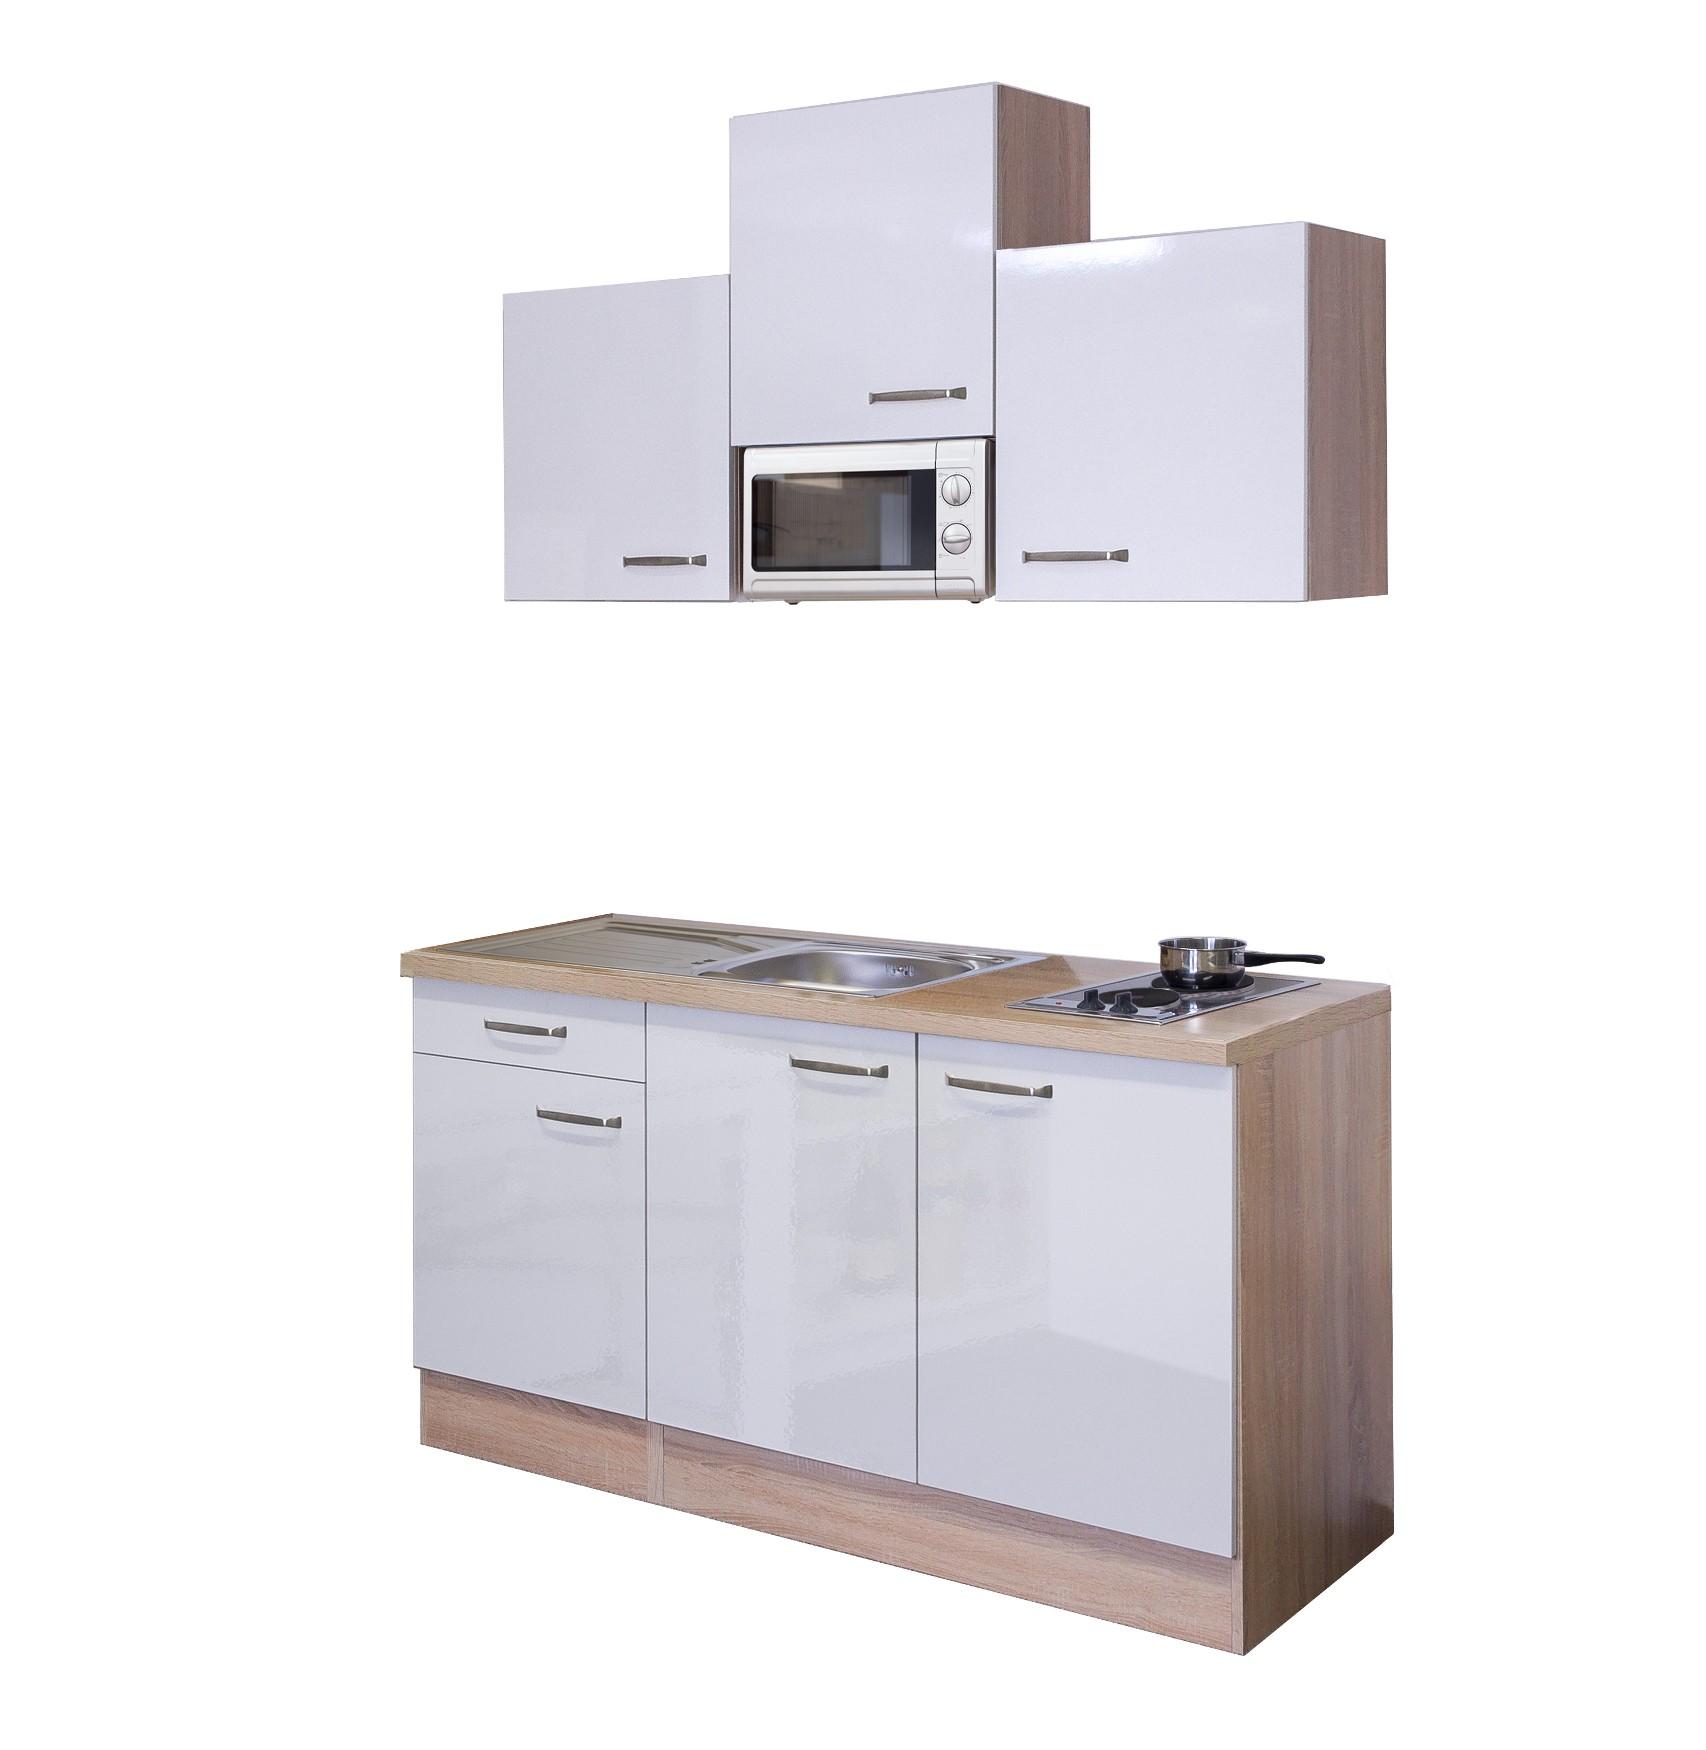 Hervorragend Singleküche VENEDIG - Breite 150 cm - Weiß Küche Singleküchen KY91